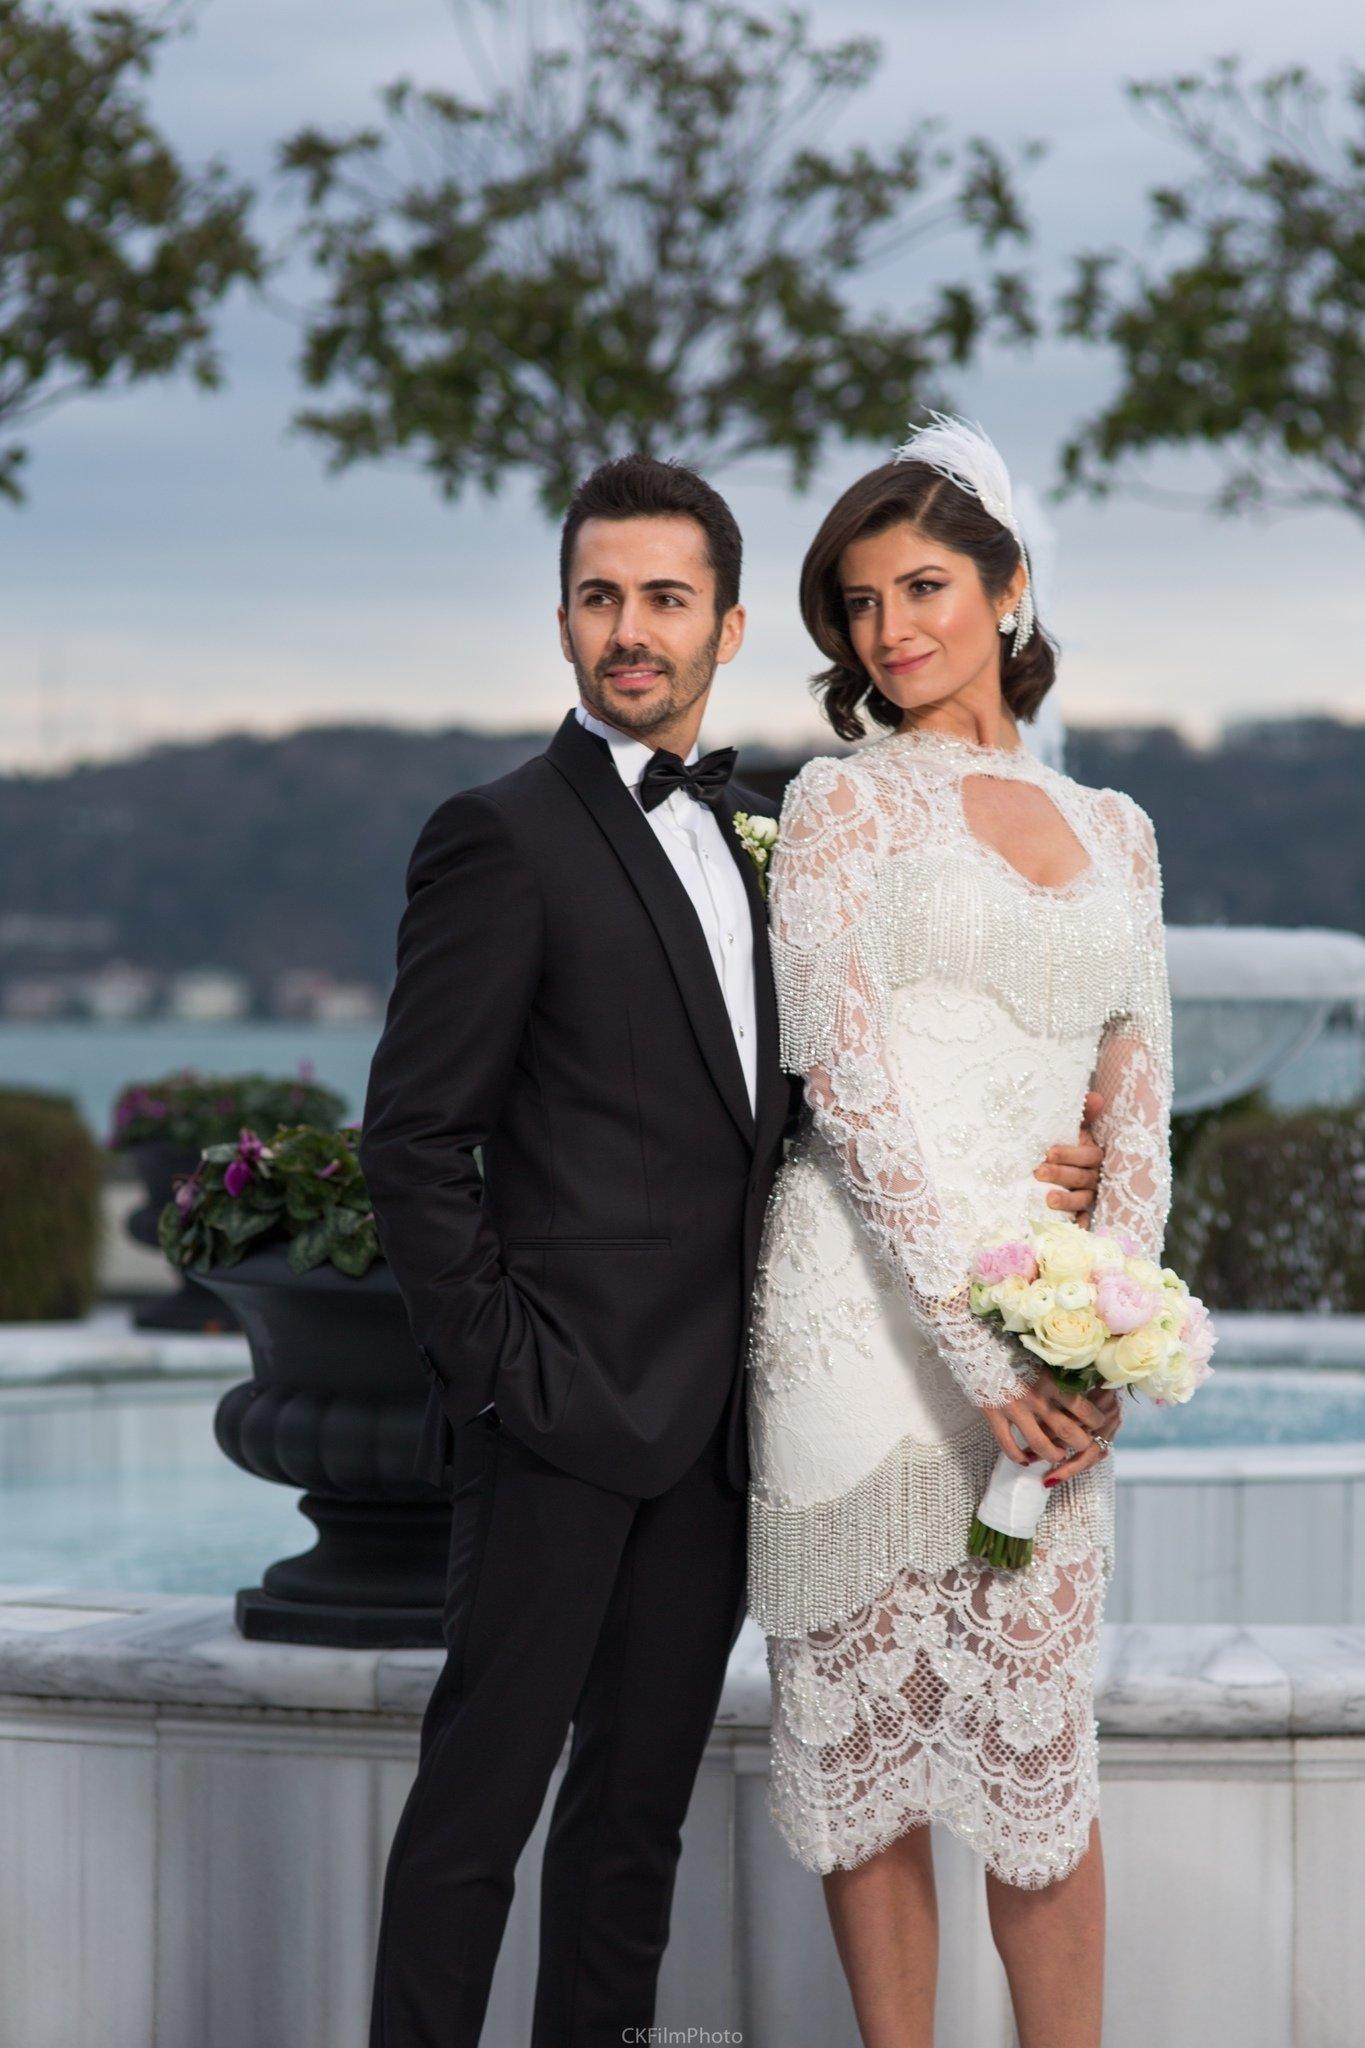 Nişanda nikah kıydılar!